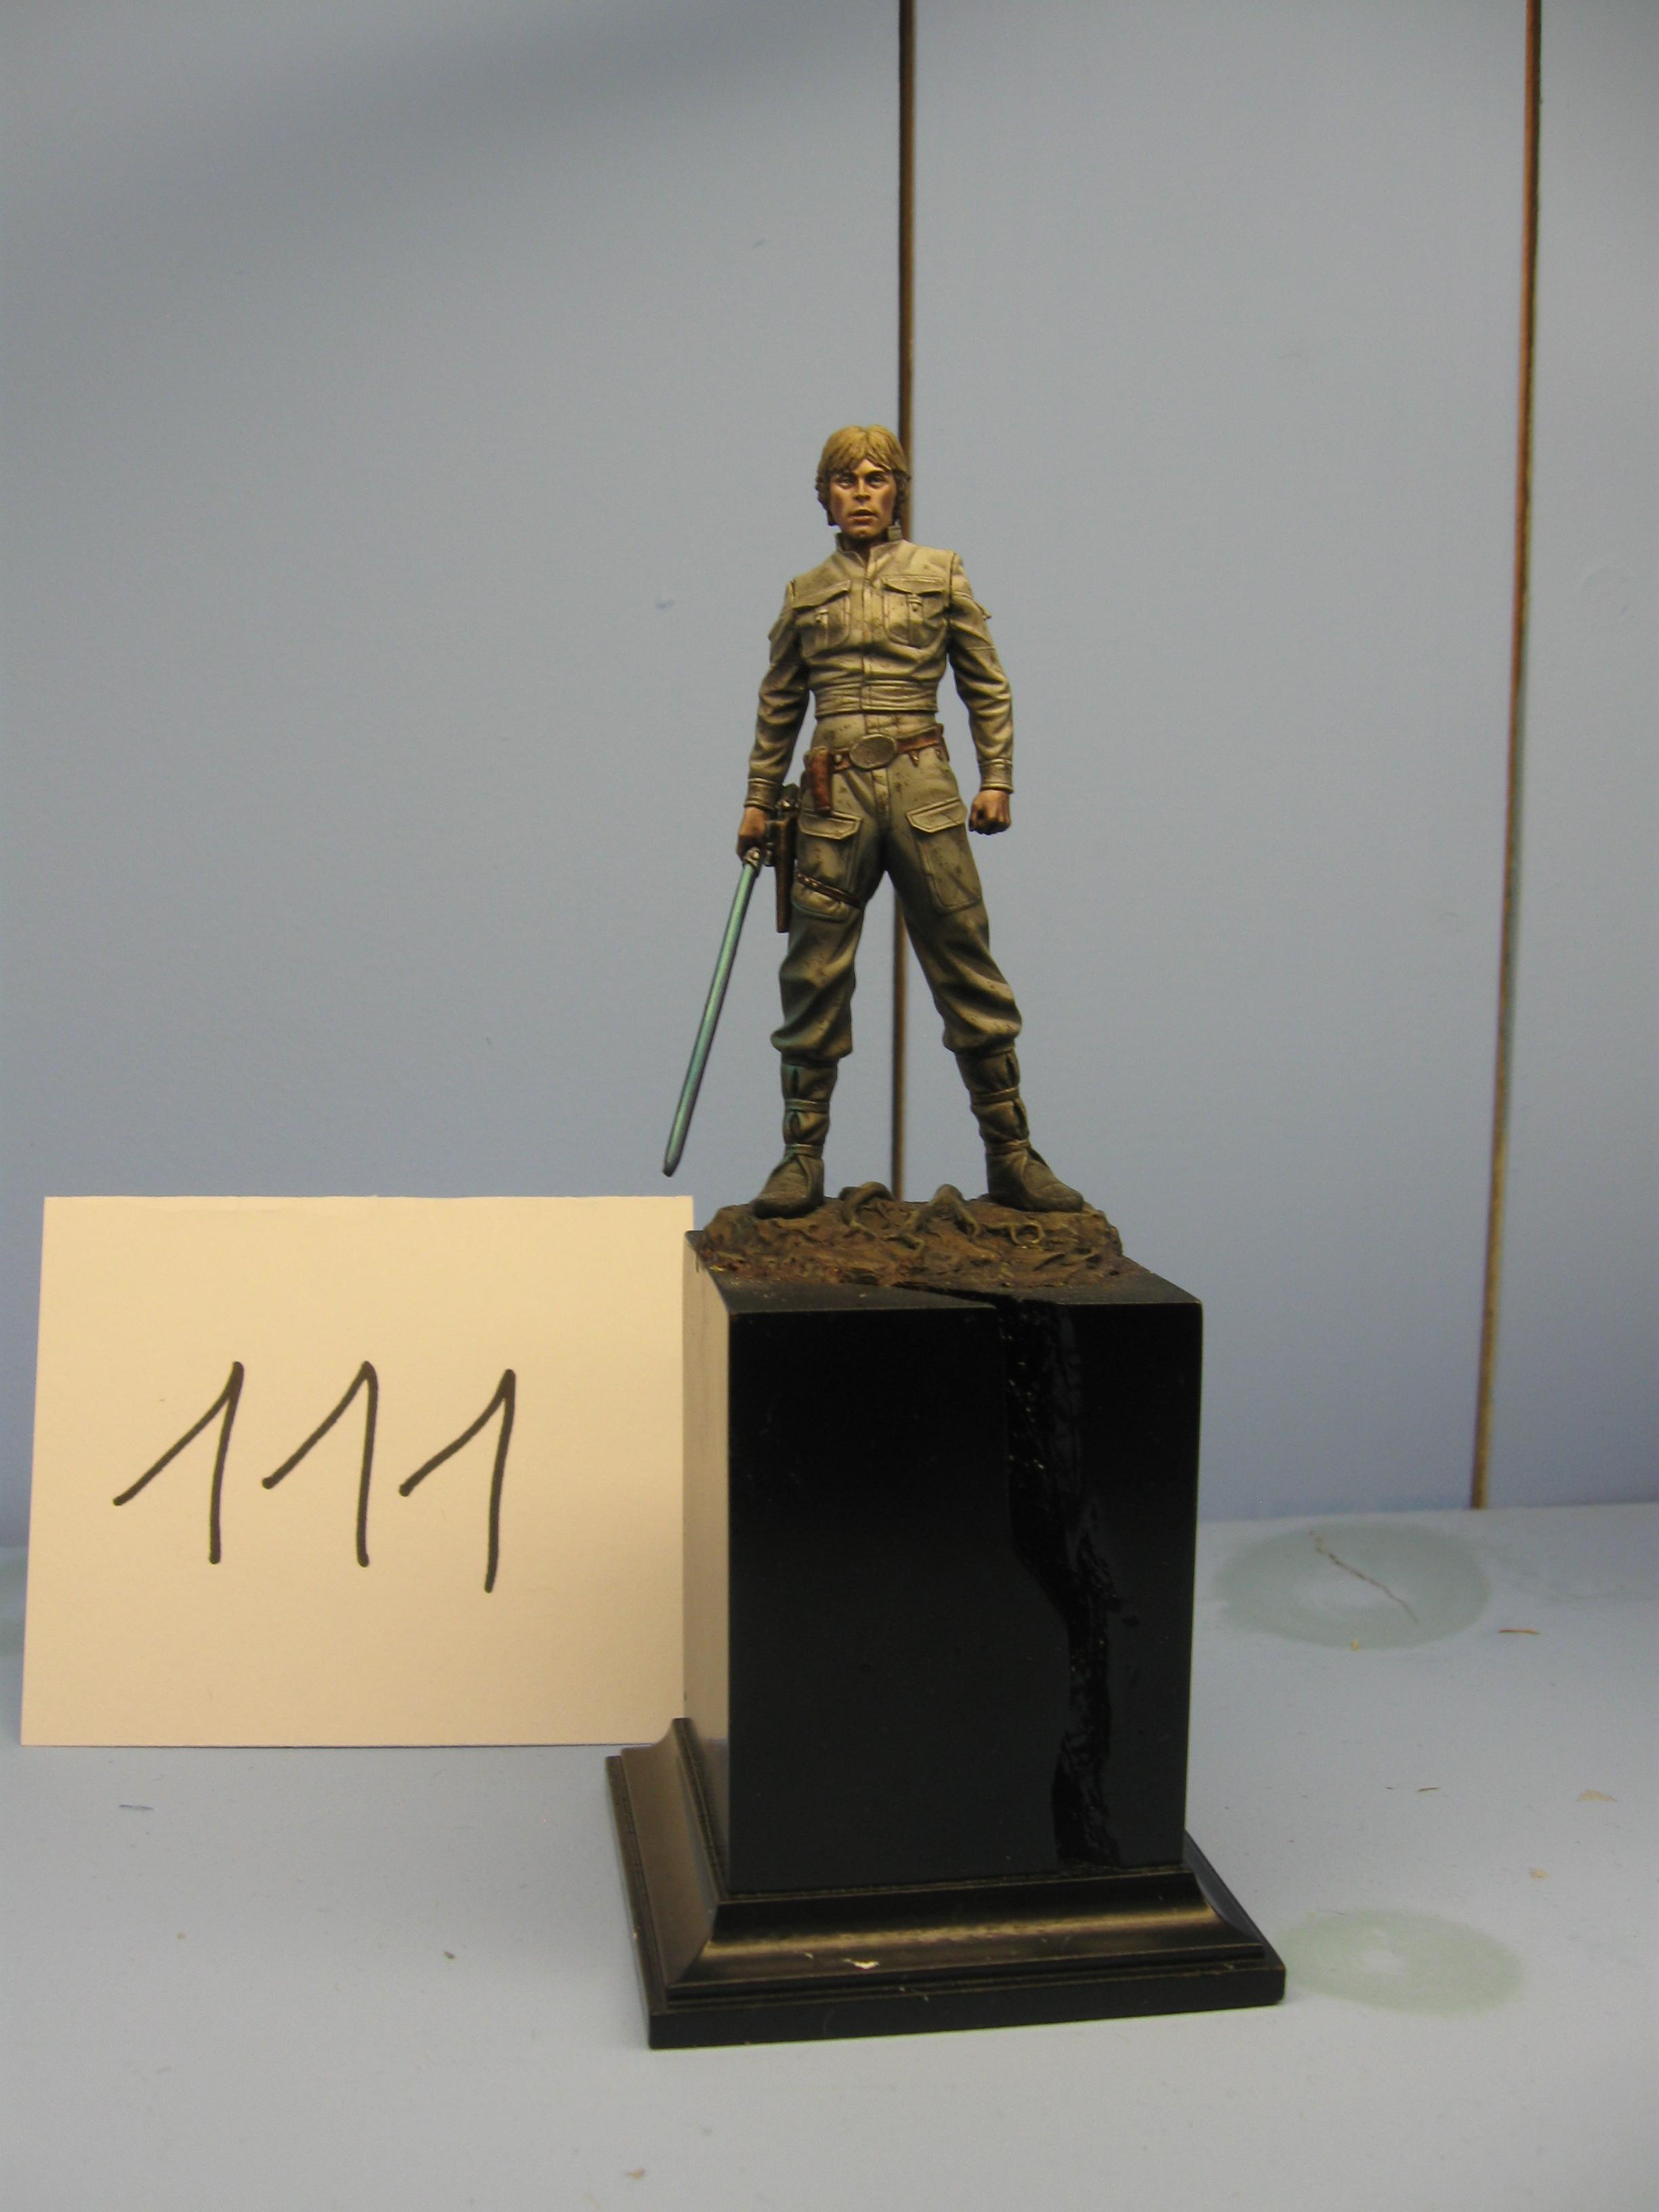 Adepticon 2012, Jedi, Luke Skywalker, Star Wars